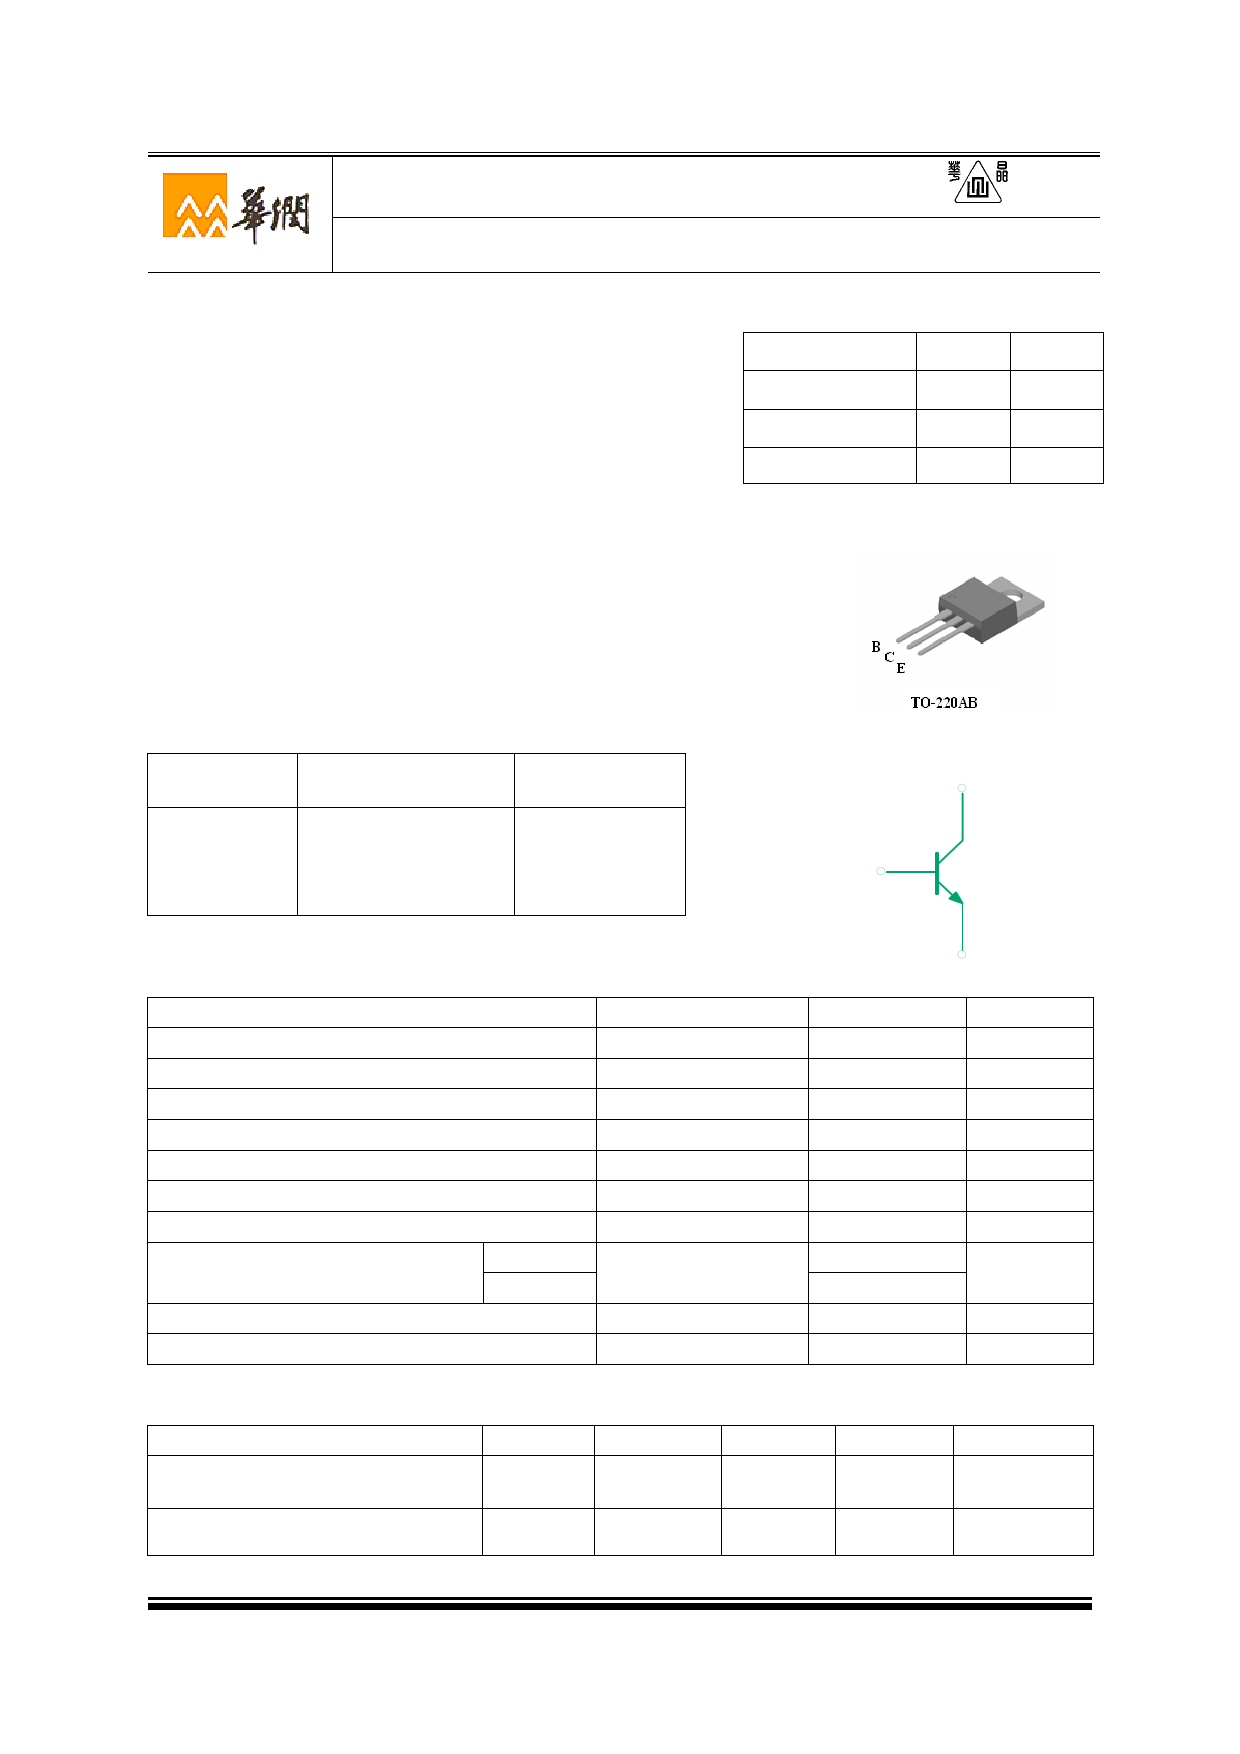 3DD13005F8 Datasheet, 3DD13005F8 PDF,ピン配置, 機能